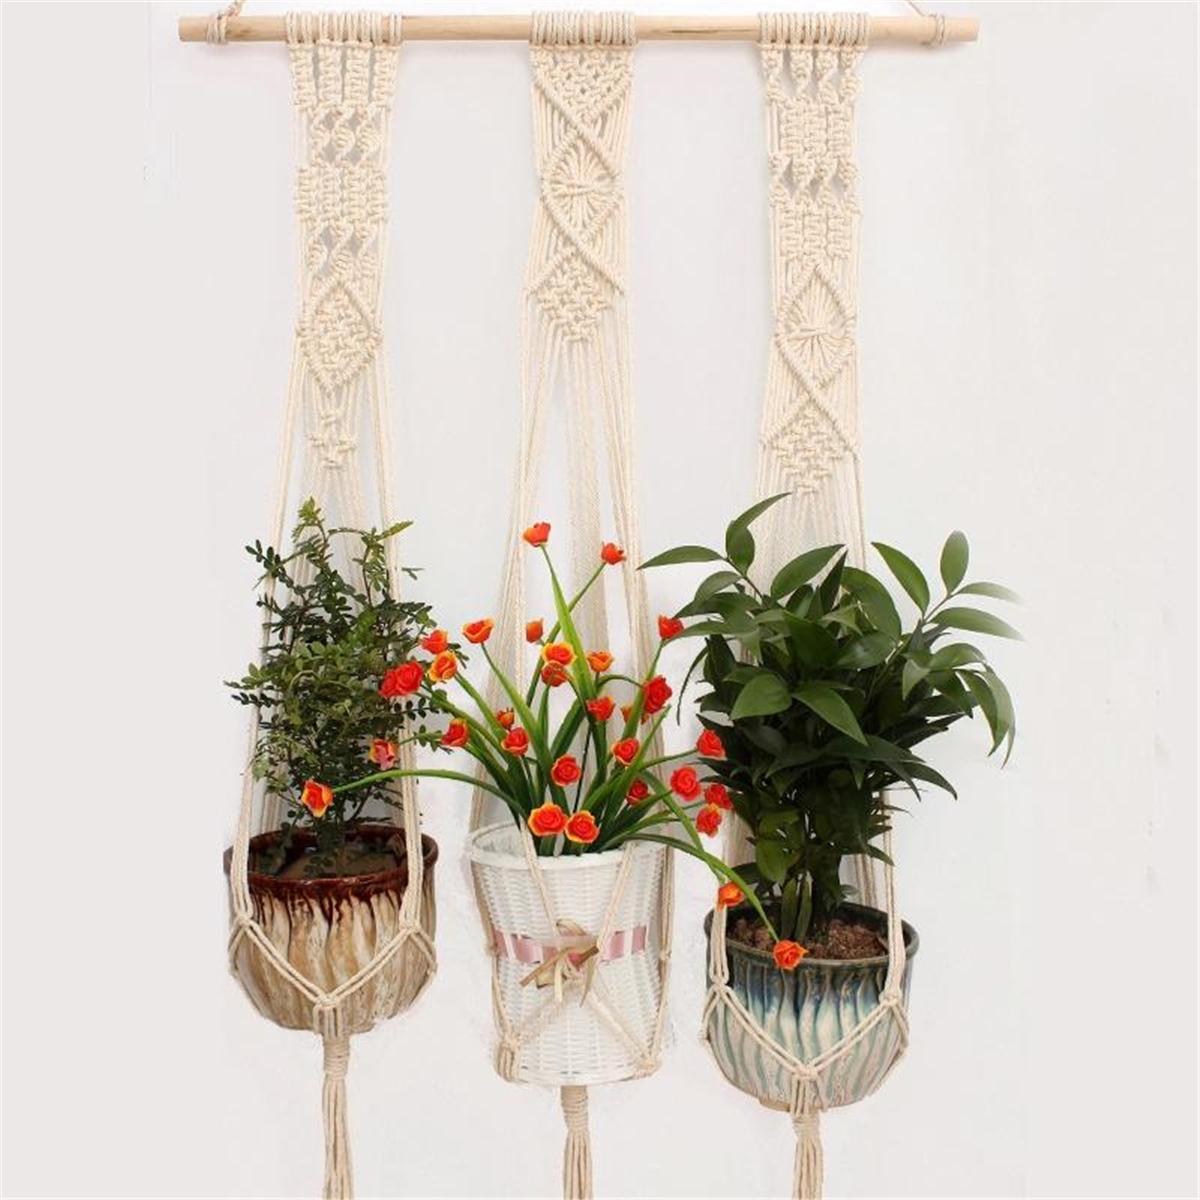 3 Stijl Gevlochten Touw Opknoping Planter Macrame Plant Houder Binnen Buiten Decoraties